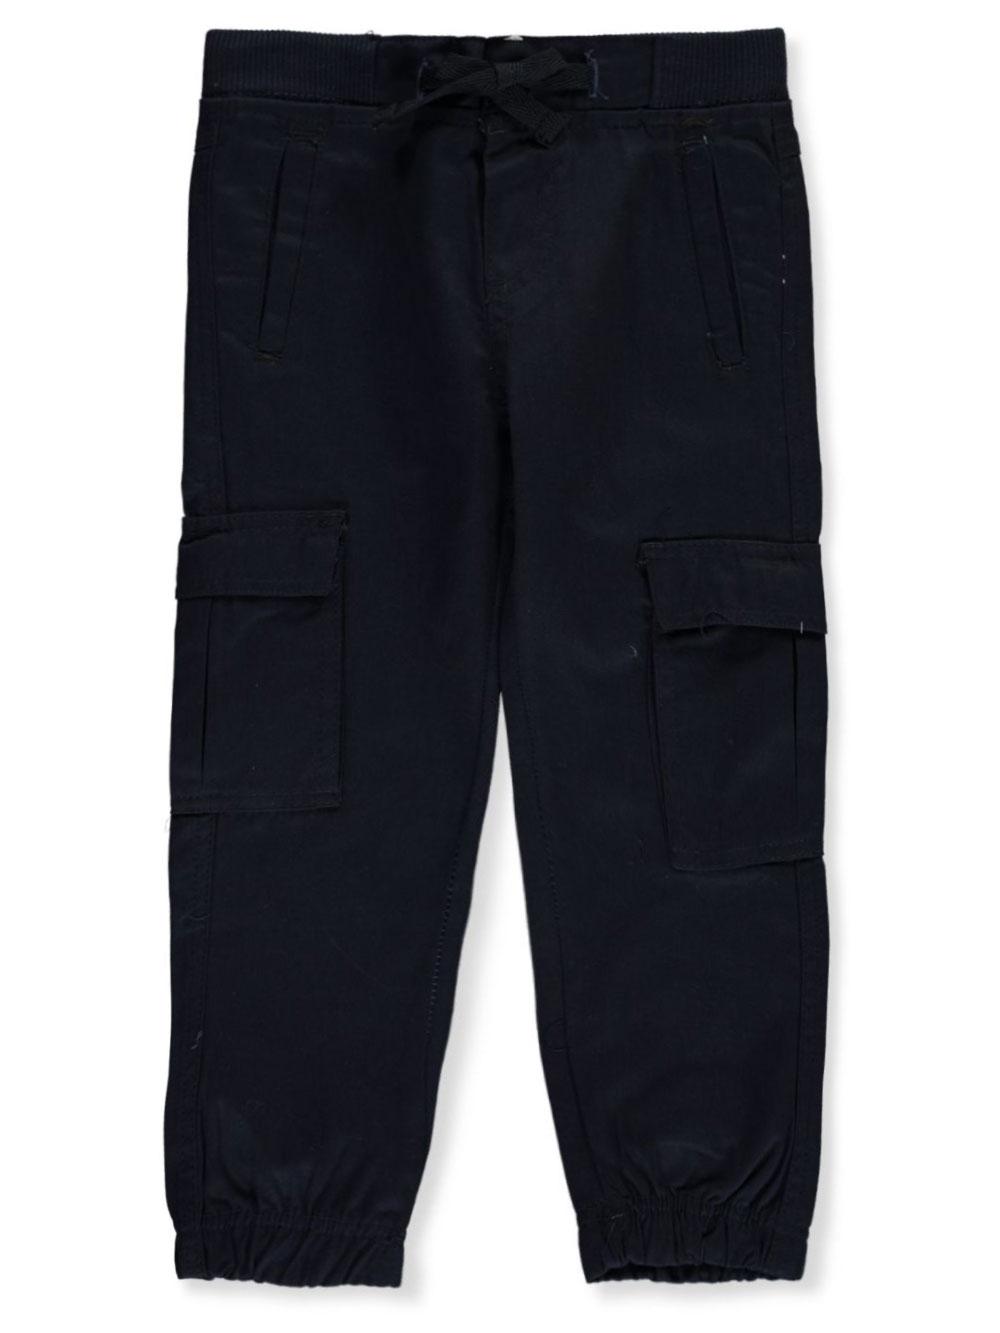 Quad Seven Boys Camo Print Twill Jogger Pants